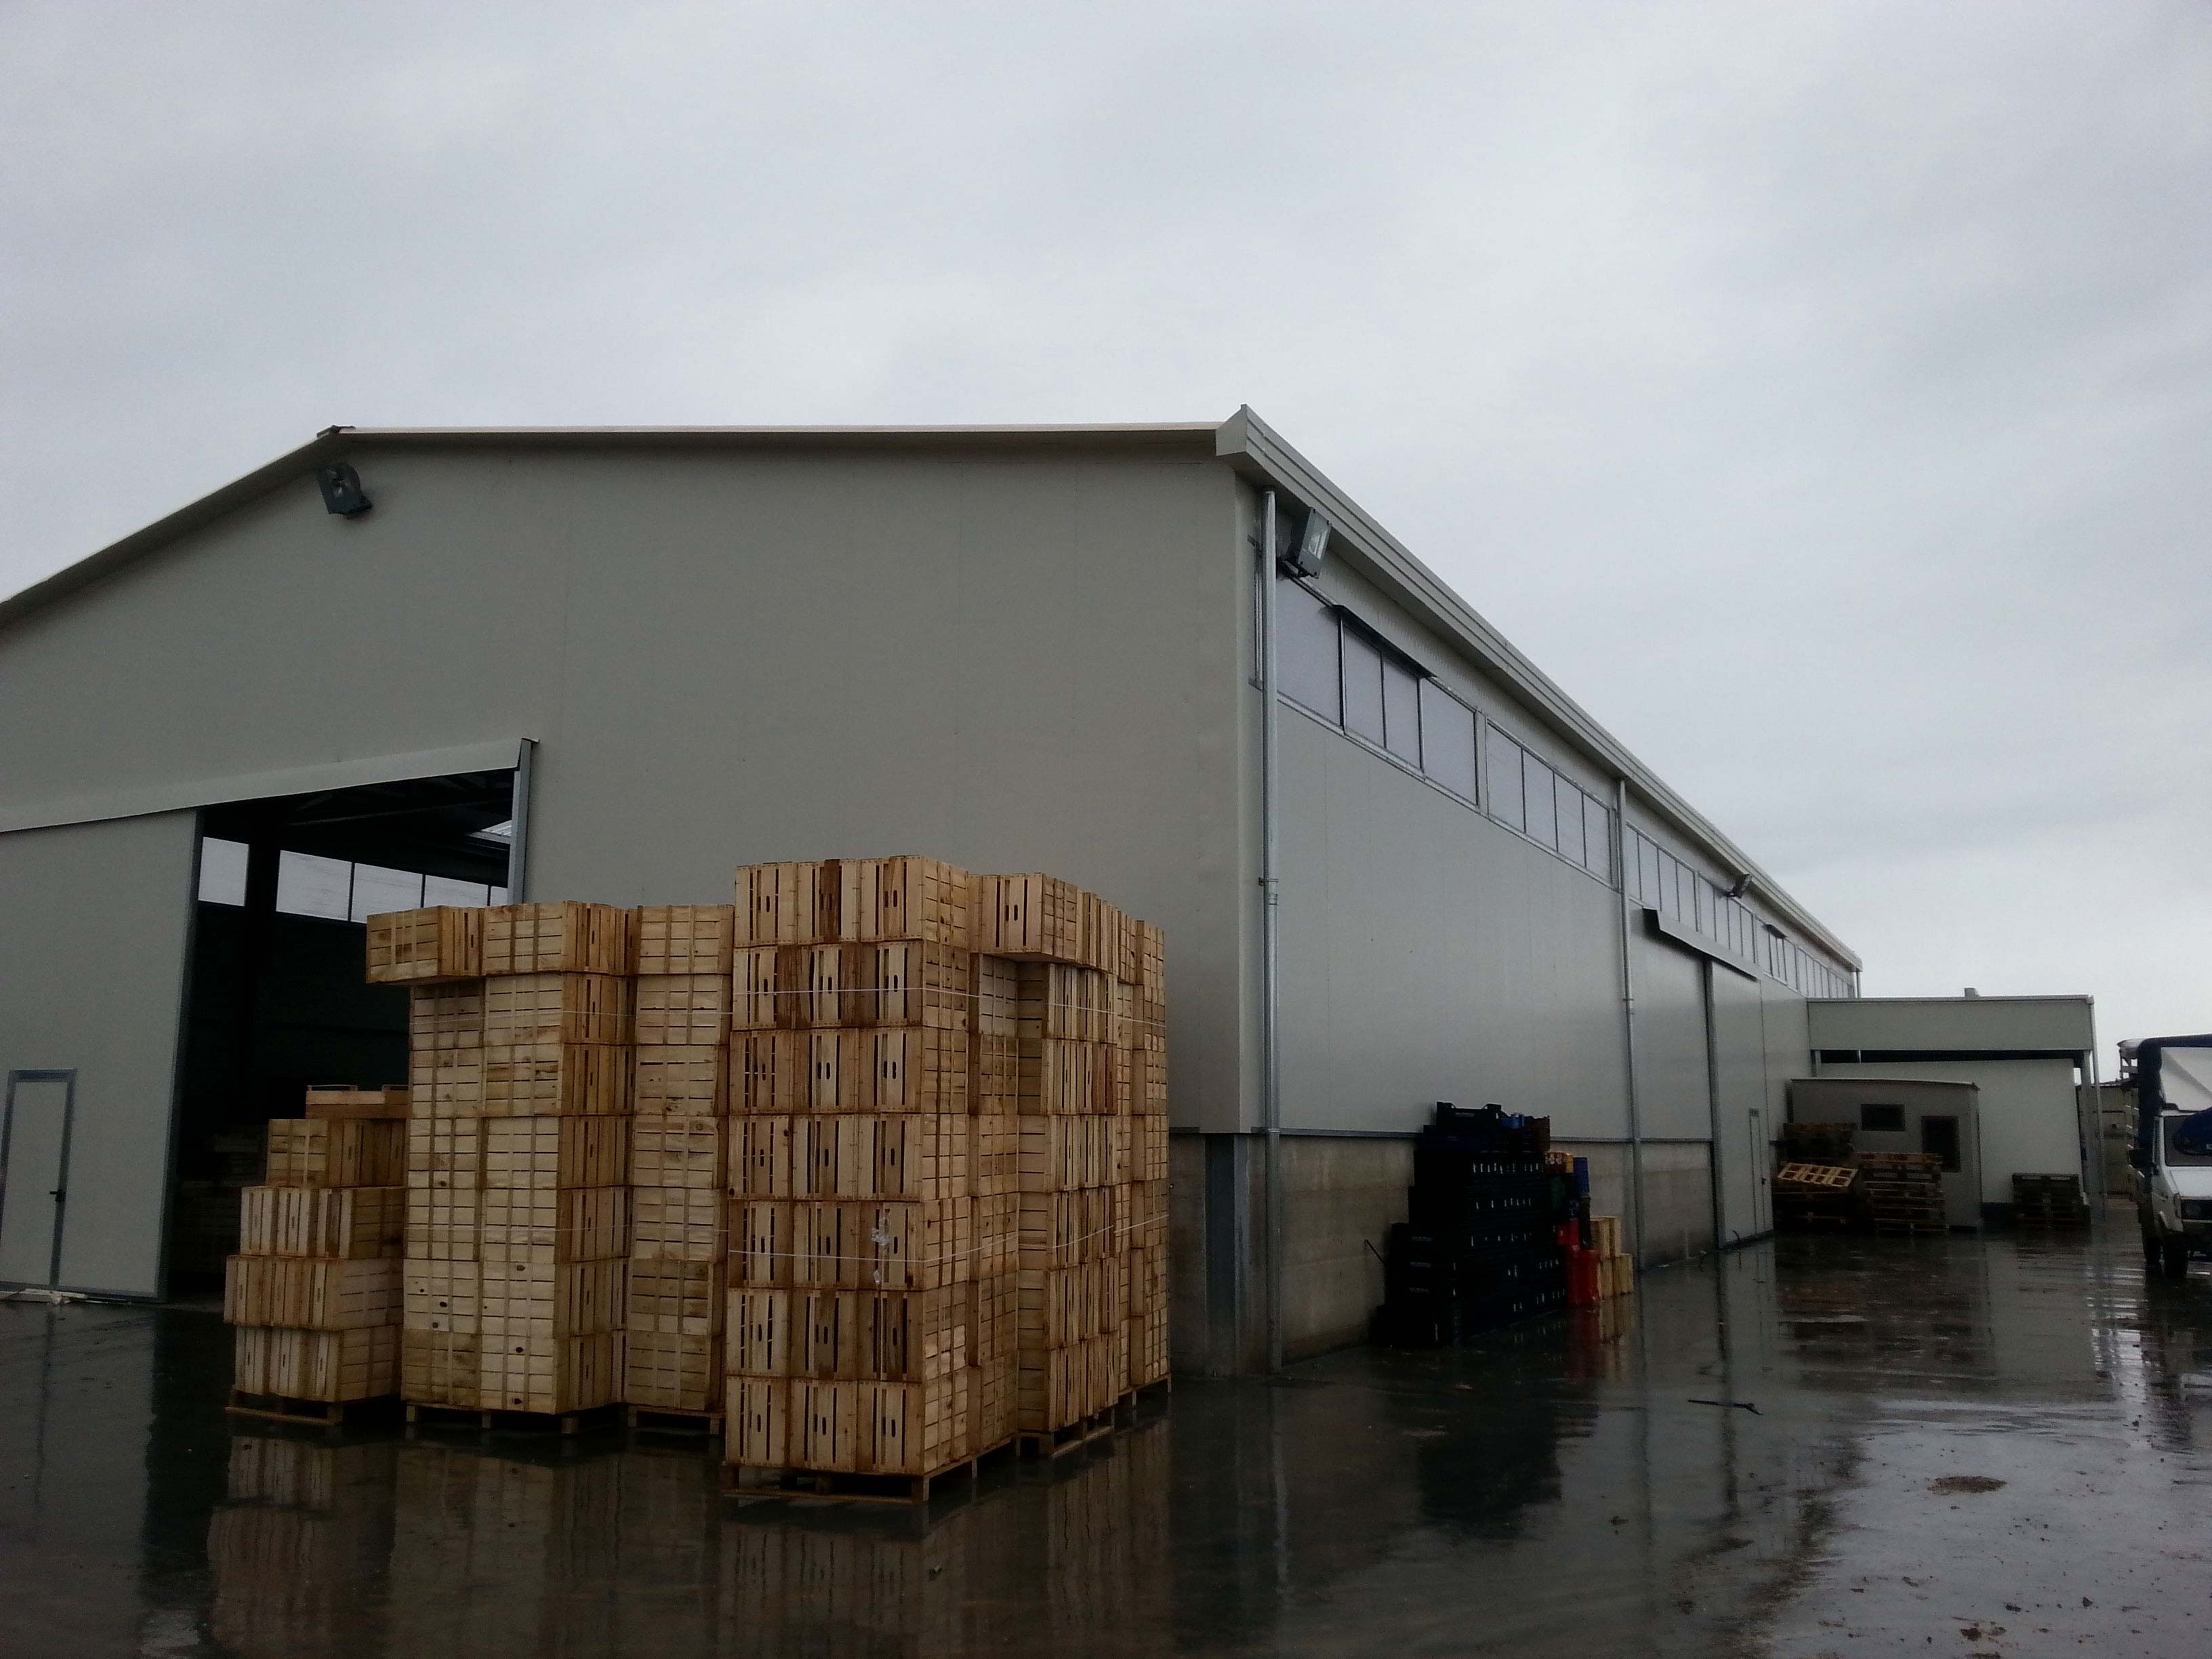 esterno dello stabile con una serie di scatoloni in legno su dei bancali